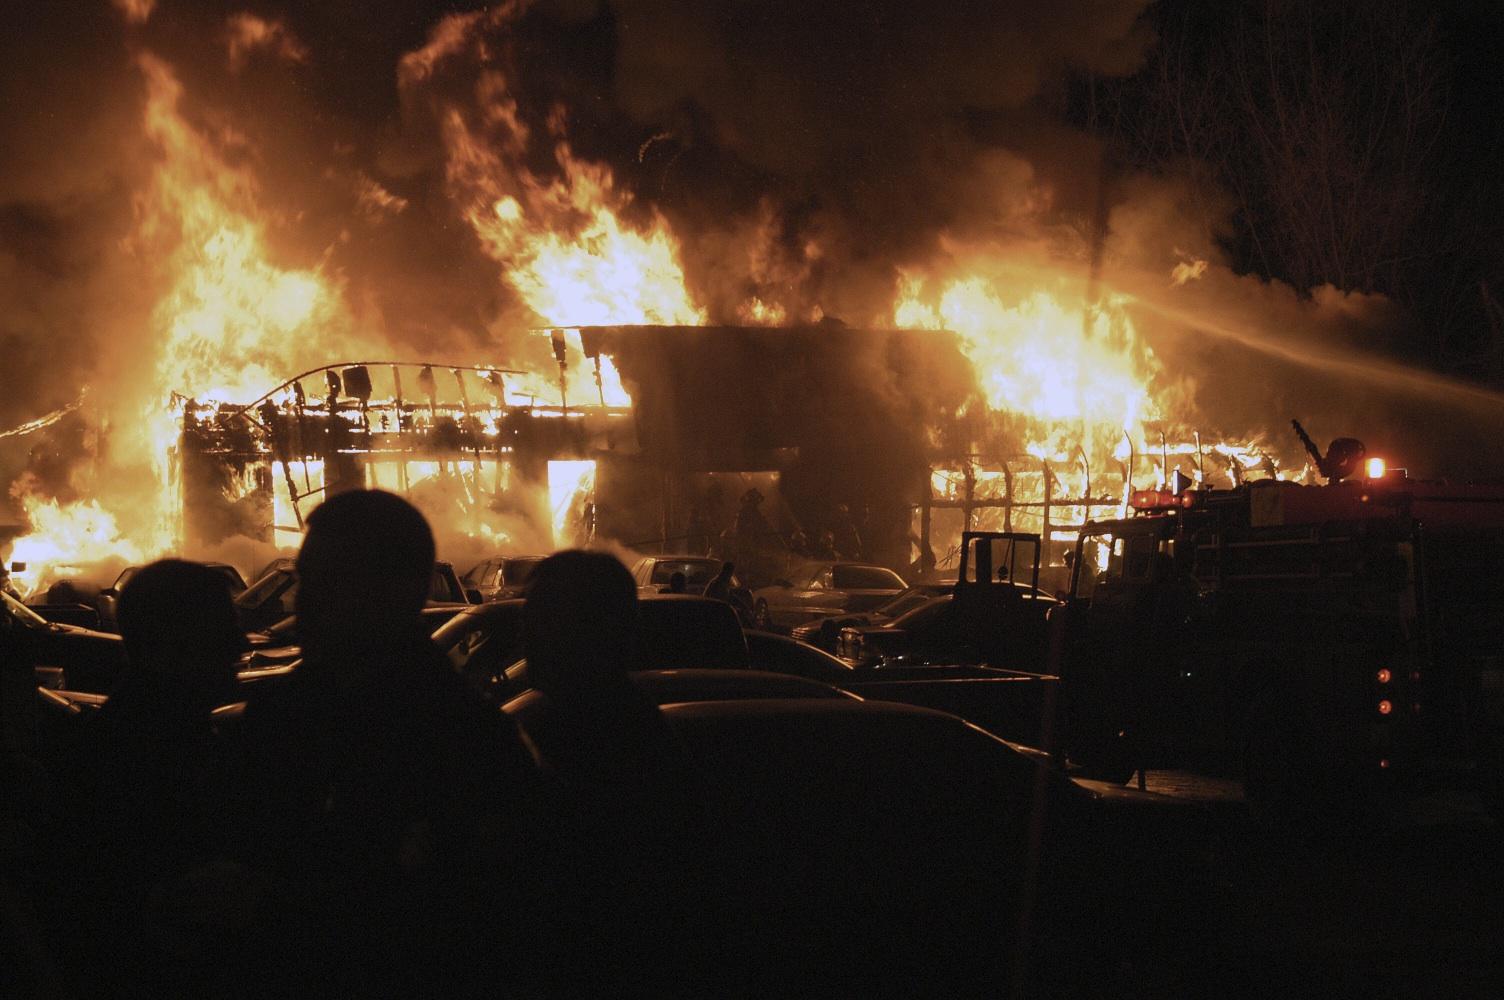 Station Nightclub Fire The Legend Of Cody Webb Wiki